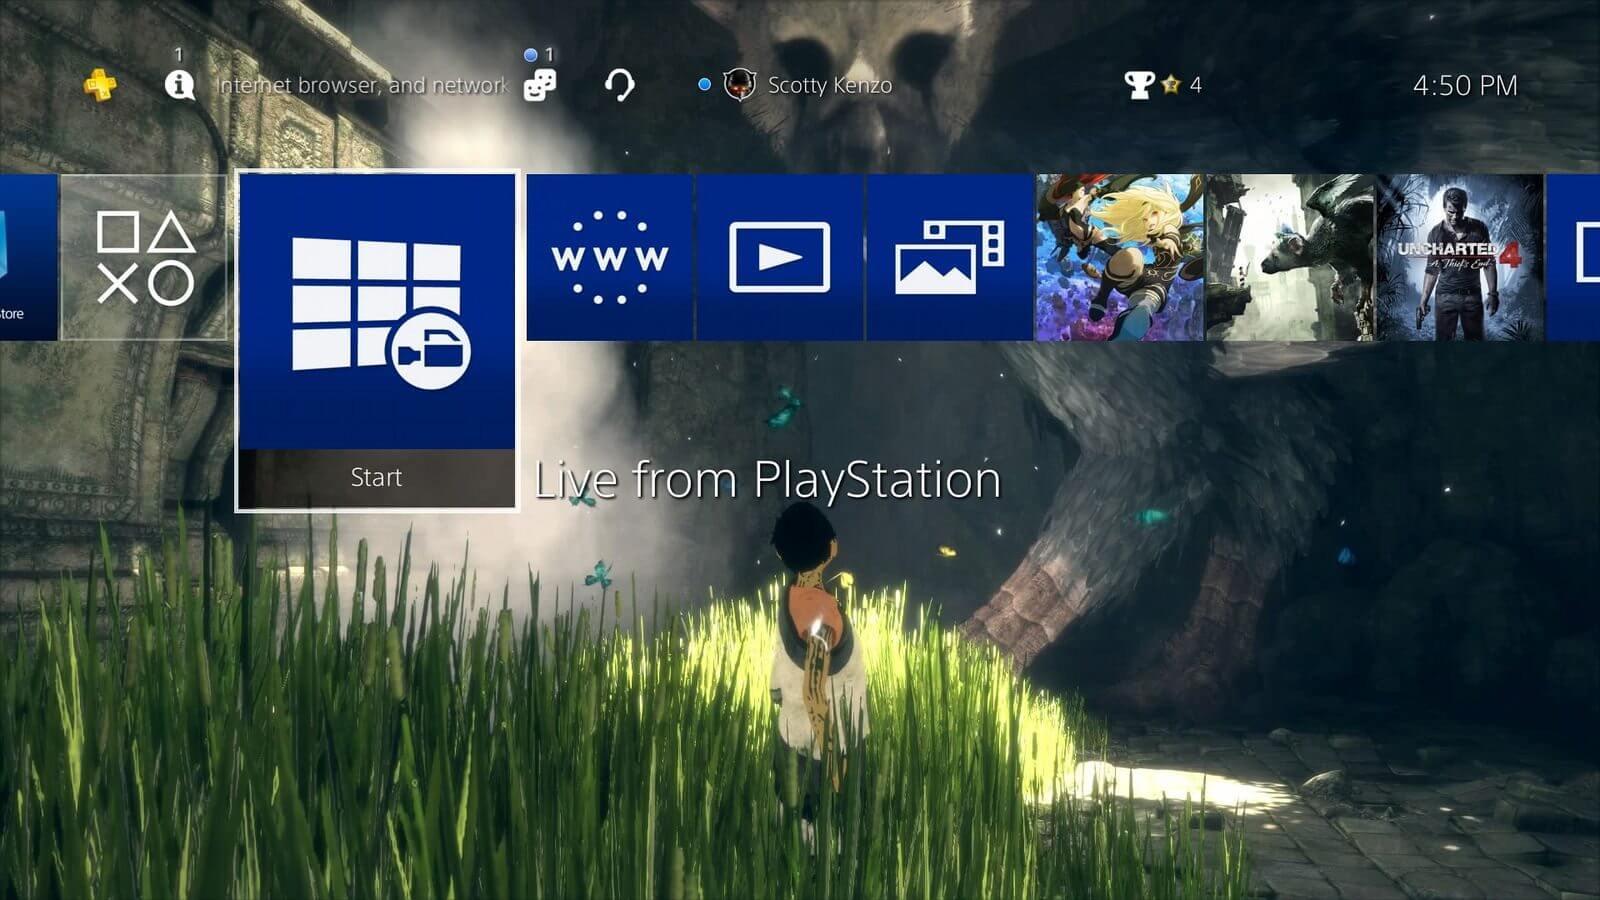 31820665804 a1e3f1cc2a h - Atualização do Playstation 4 adiciona suporte para HDs externos de até 8 TB